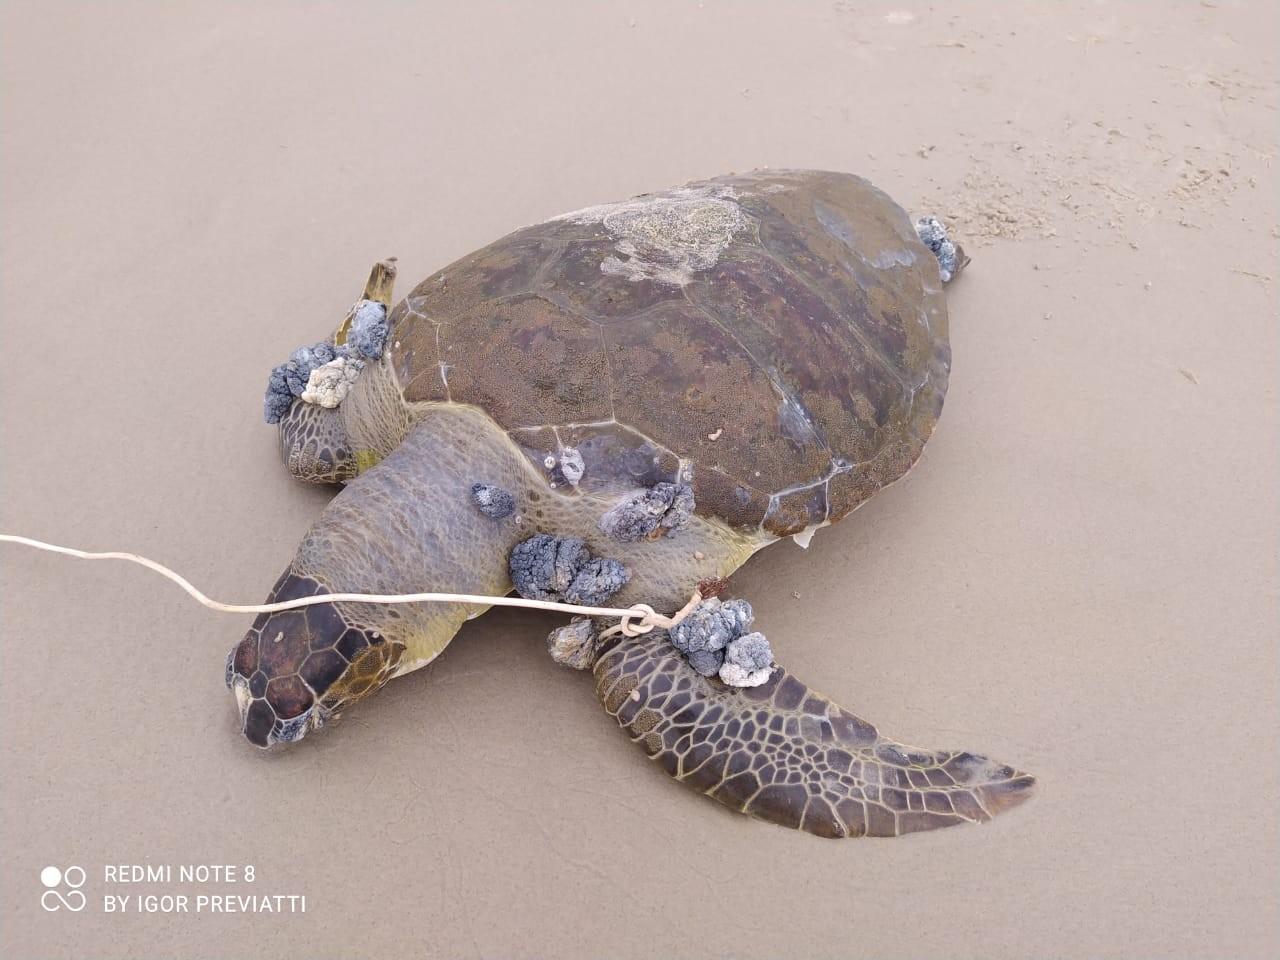 Tartaruga-verde é encontrada morta com fio preso na nadadeira em praia de Bertioga, SP